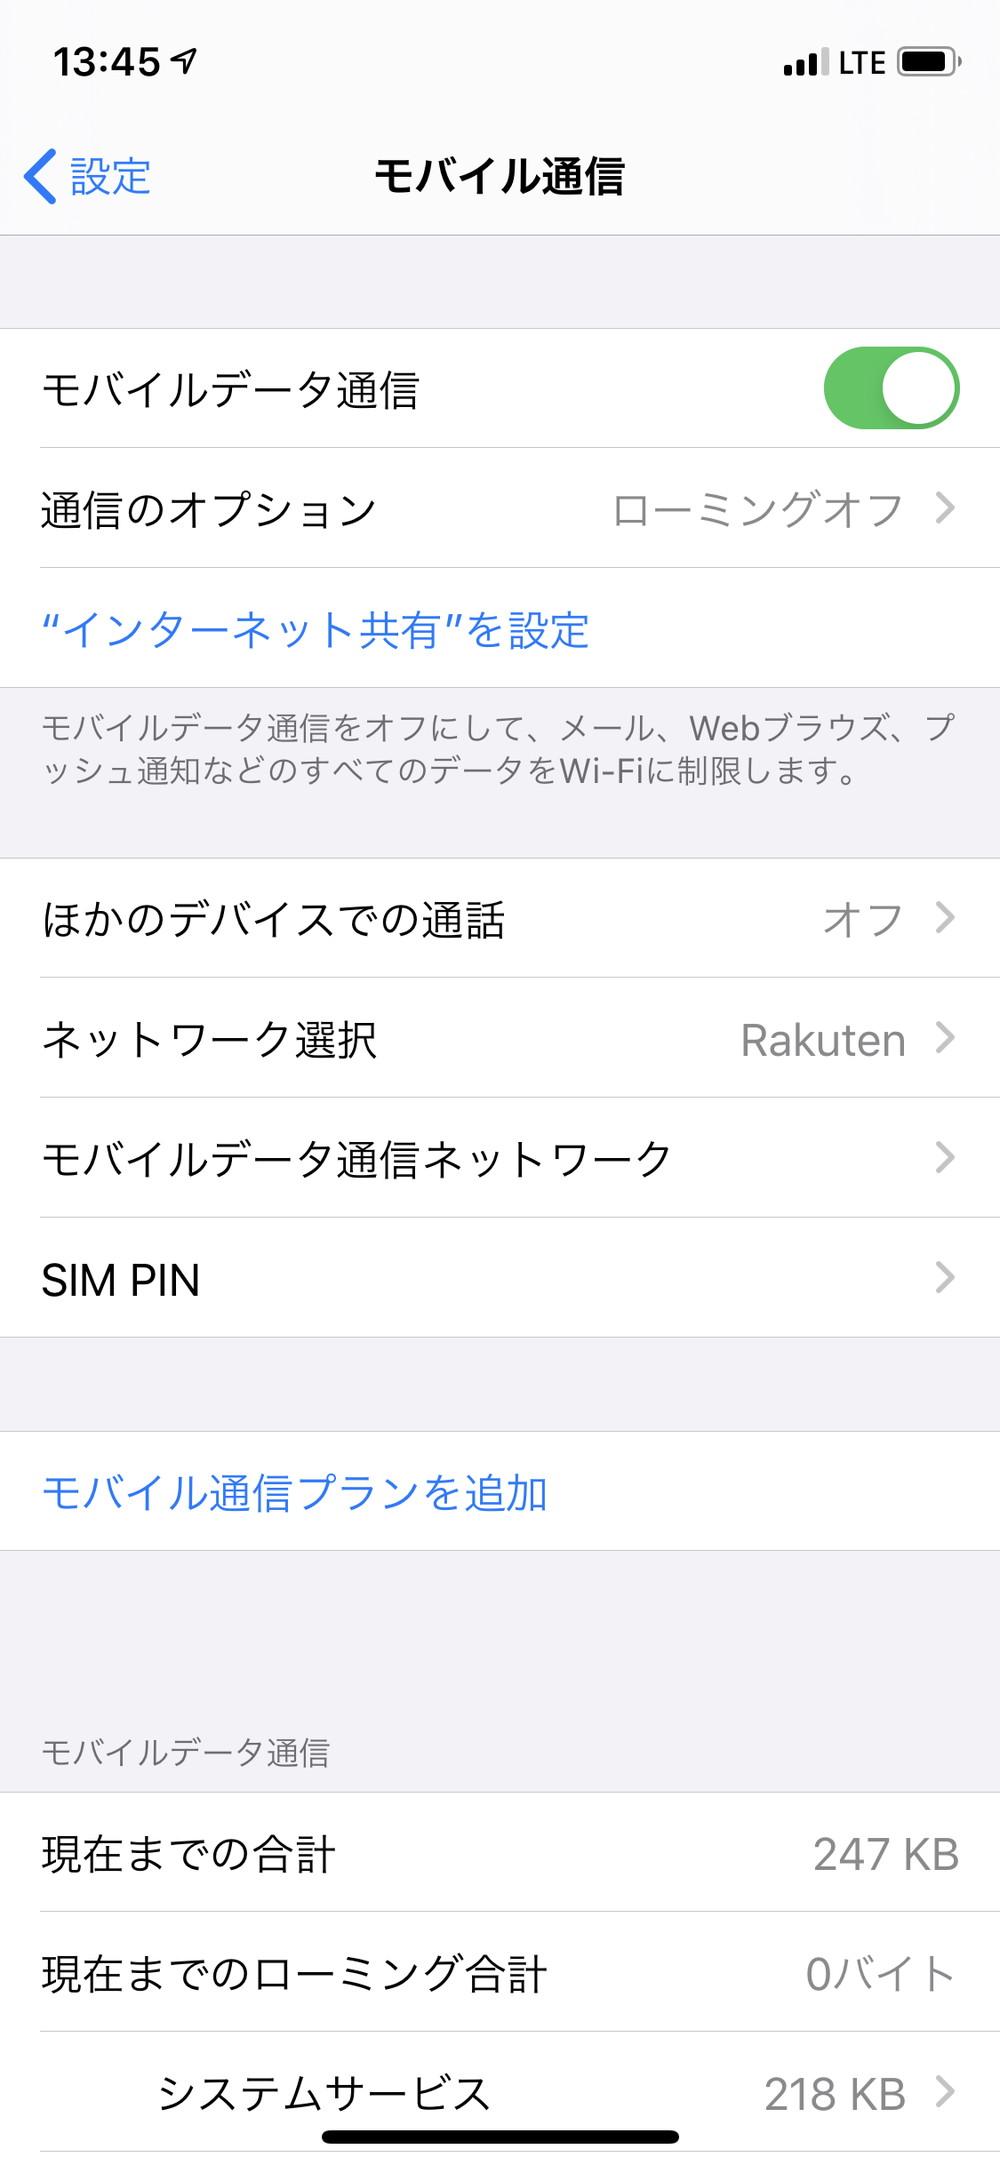 楽天モバイルからSIMカードが届いたのでiPhone 11 Proで設定してみた